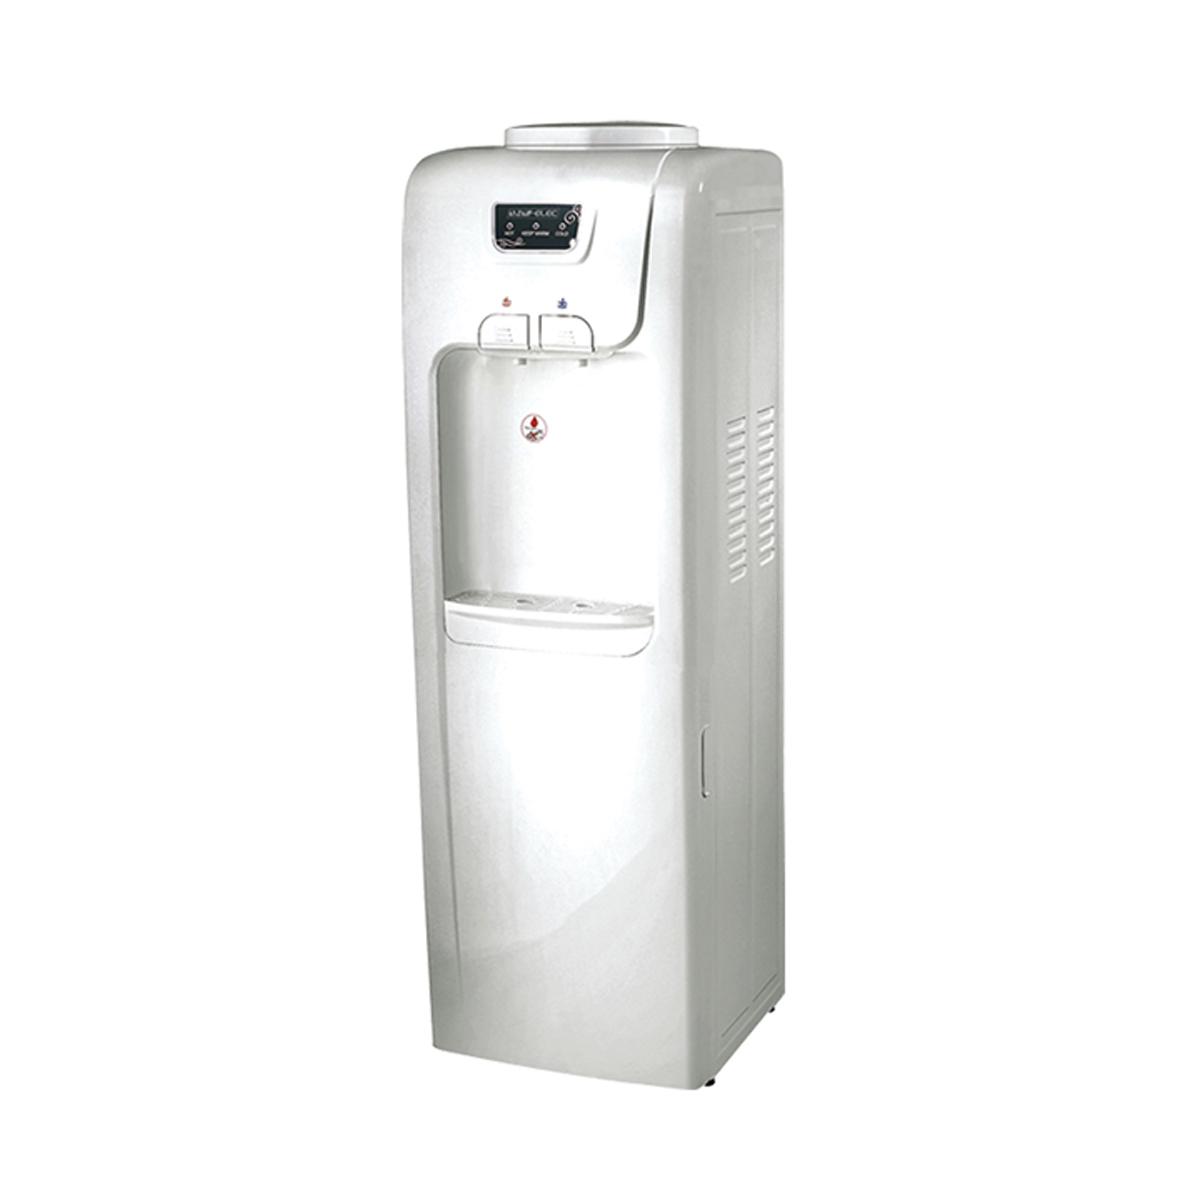 برادة ماء كهربائية  حار بارد - السيف - AL1900